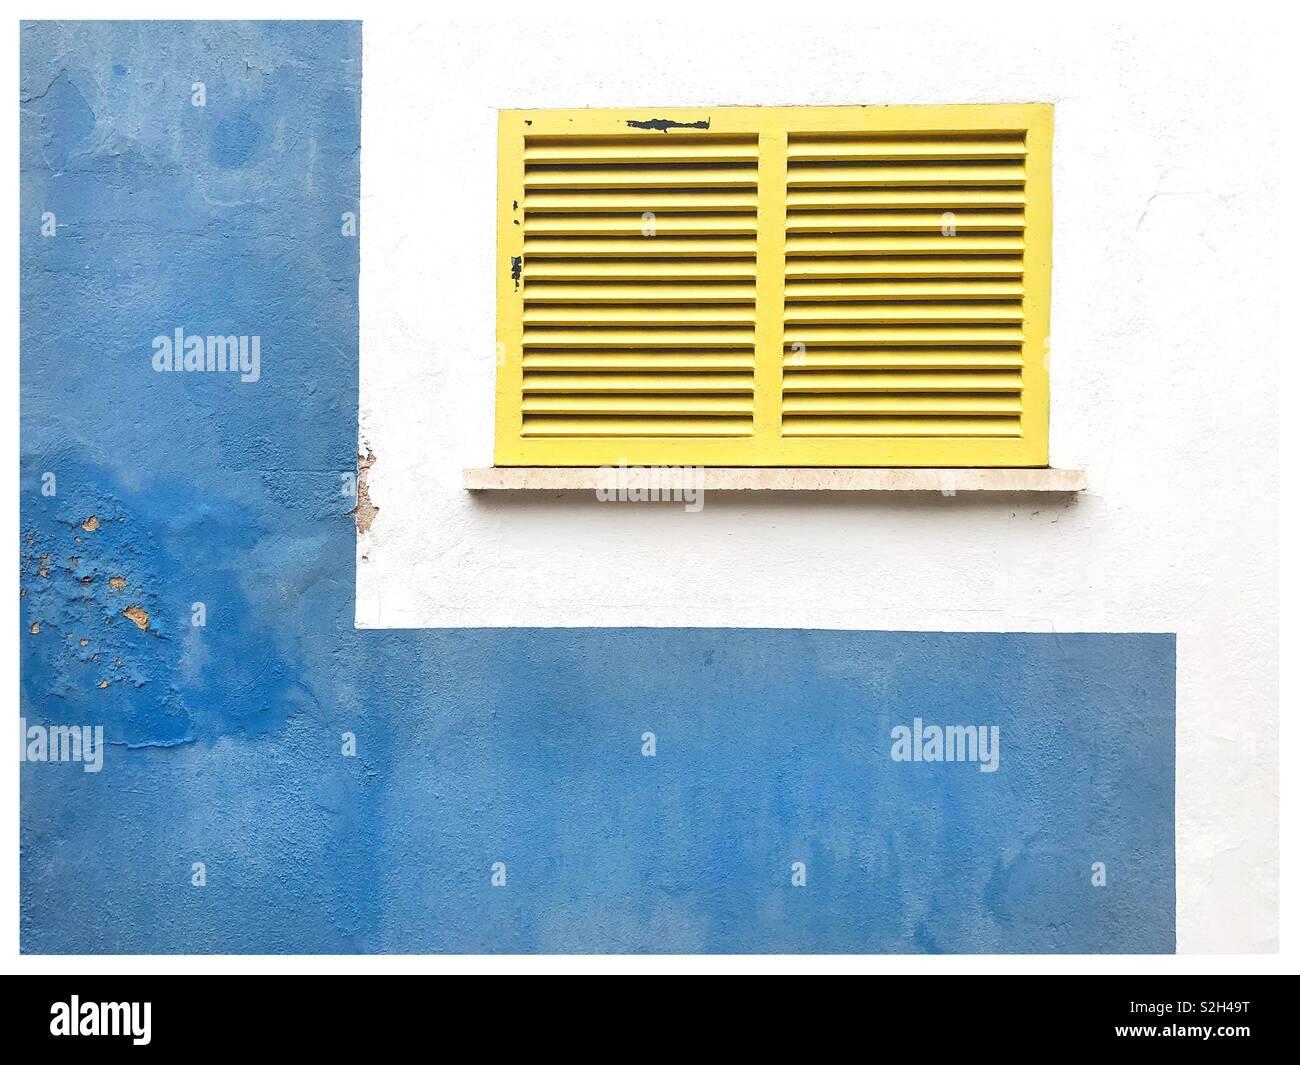 Persianas en una ventana amarilla rodeada por una pared blanca pintada de azul Imagen De Stock